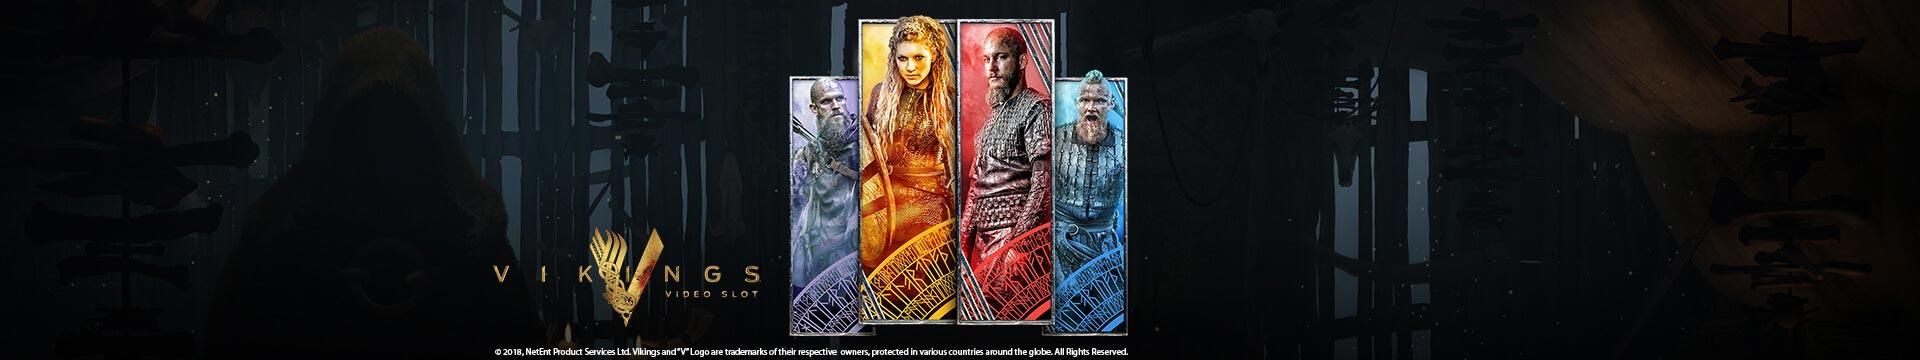 Slider Banner - Vikings